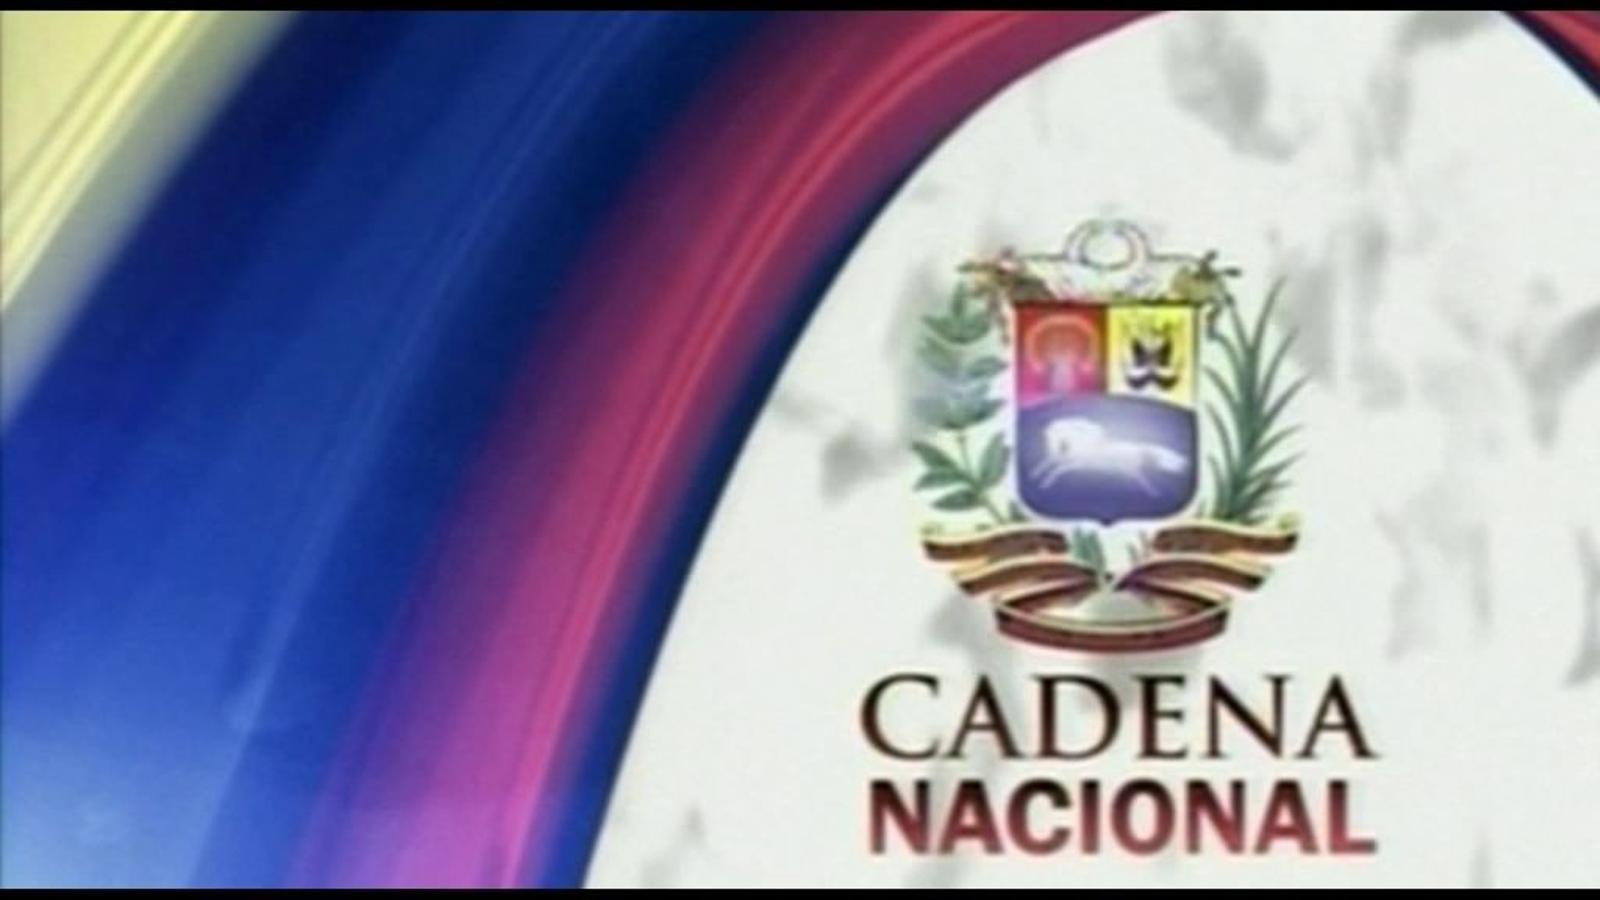 Les frases més destacades de l'anunci de la mort d'Hugo Chávez, en 3 minuts